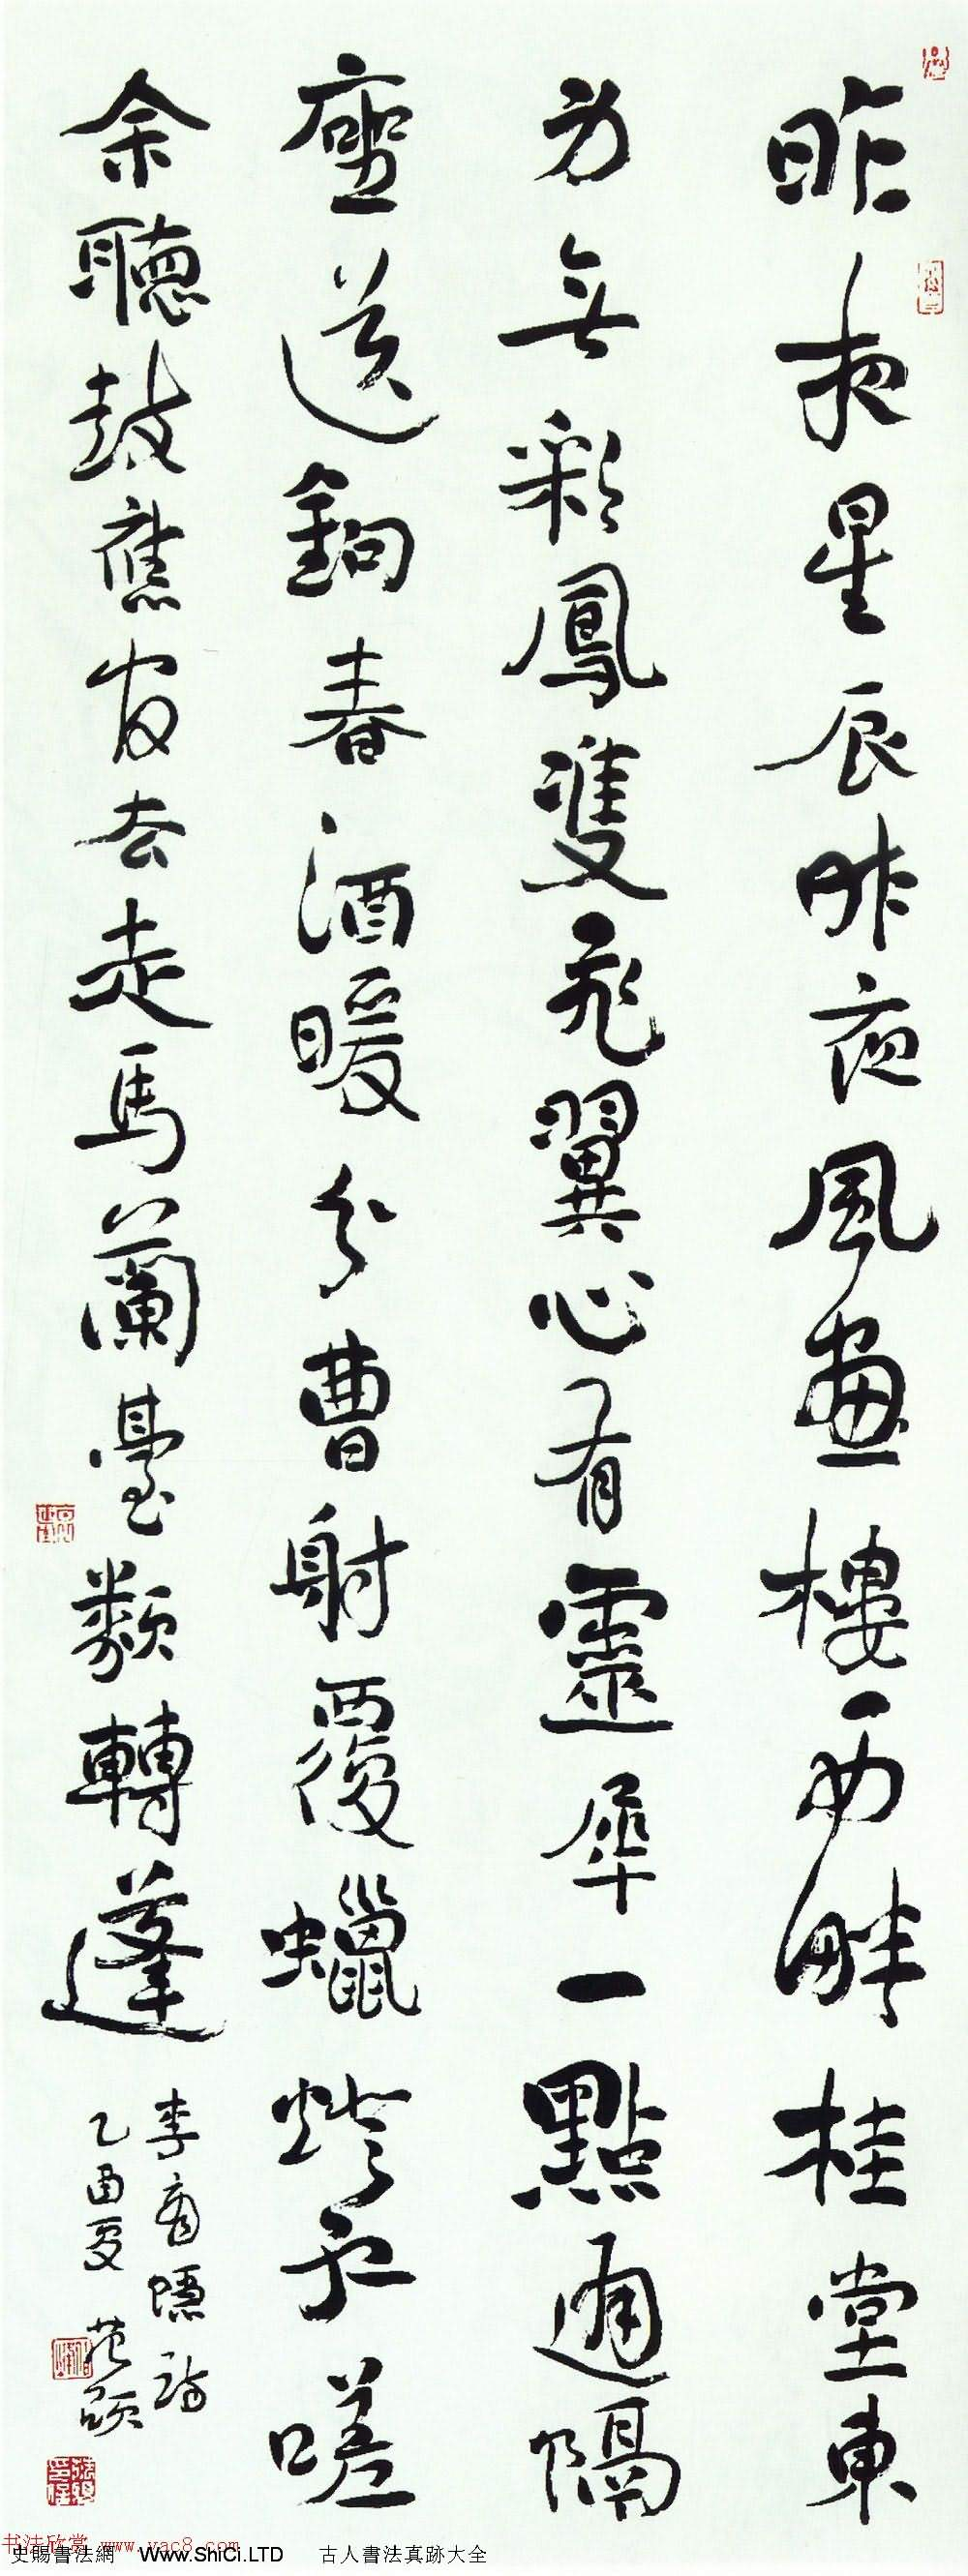 第五屆中國書壇新人作品展覽評委作品